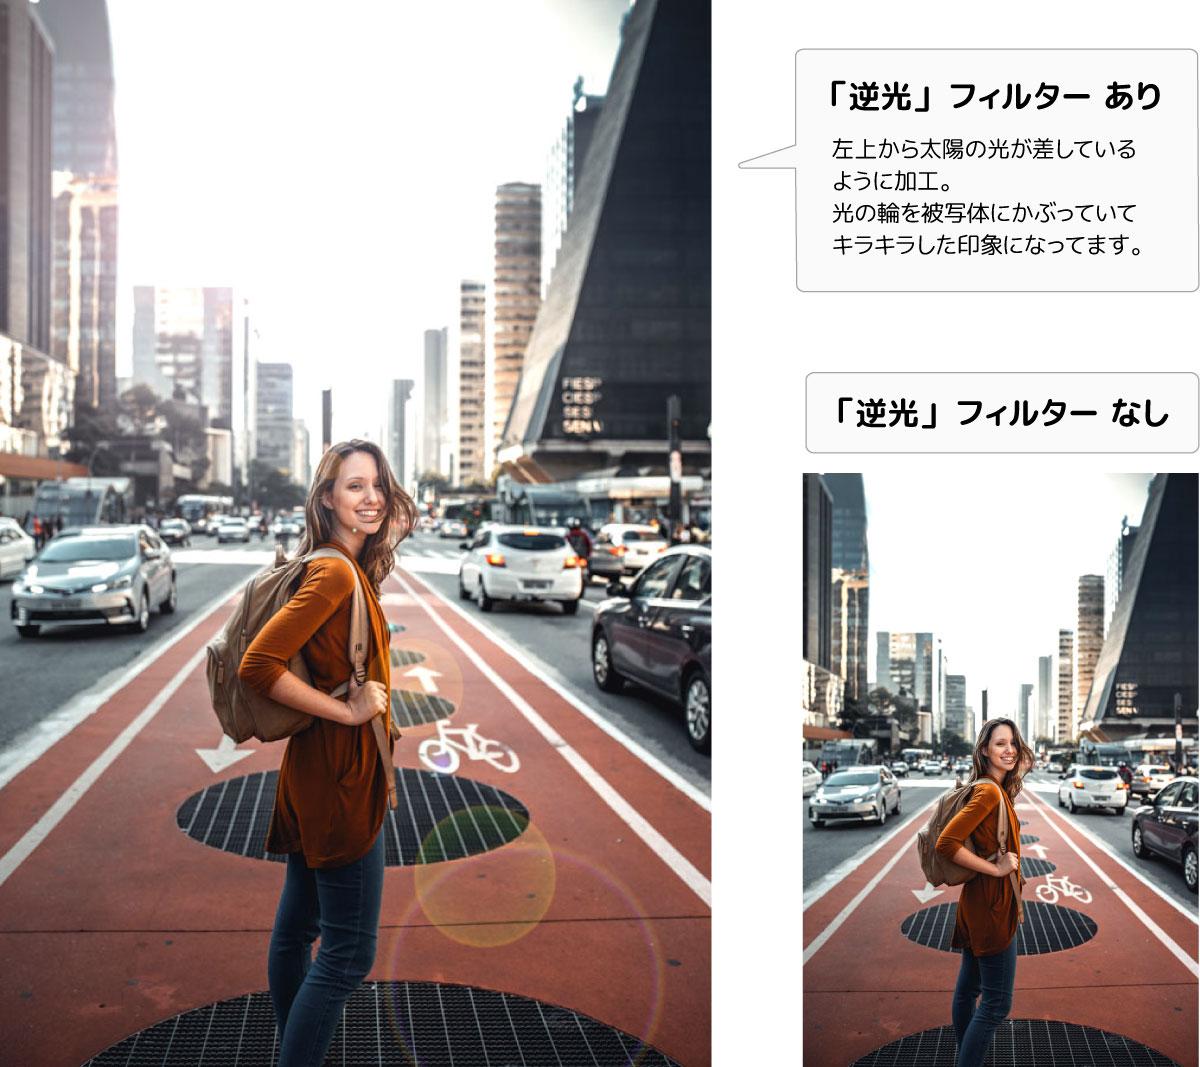 逆光の光を入れて加工をしている写真と、加工していない写真の比較